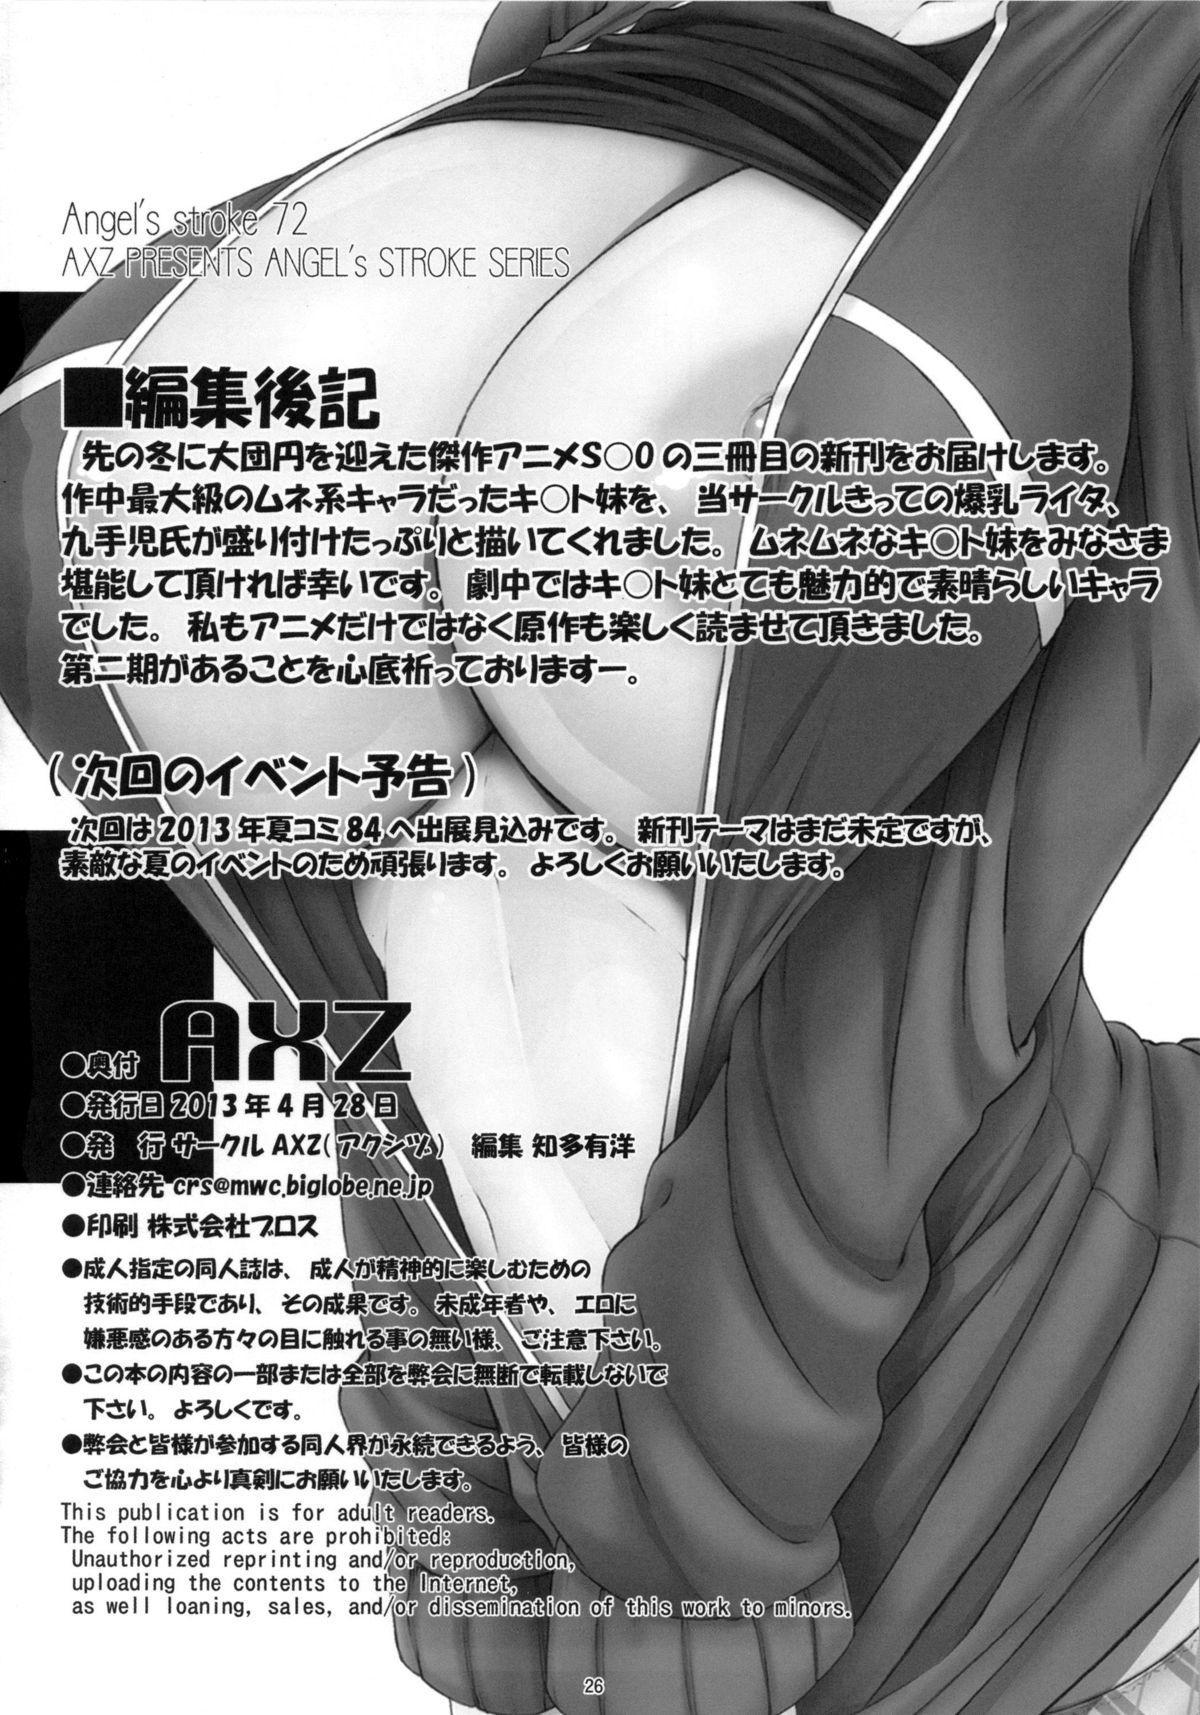 (COMIC1☆7) [AXZ (Kutani)] Angel's stroke 72 Suguha Scramble! Oniichan no Seiyoku Kanri | Suguha Scramble - Managing Onii-chan's Sex-Drive (Sword Art Online) [English] {Doujin-Moe} 26